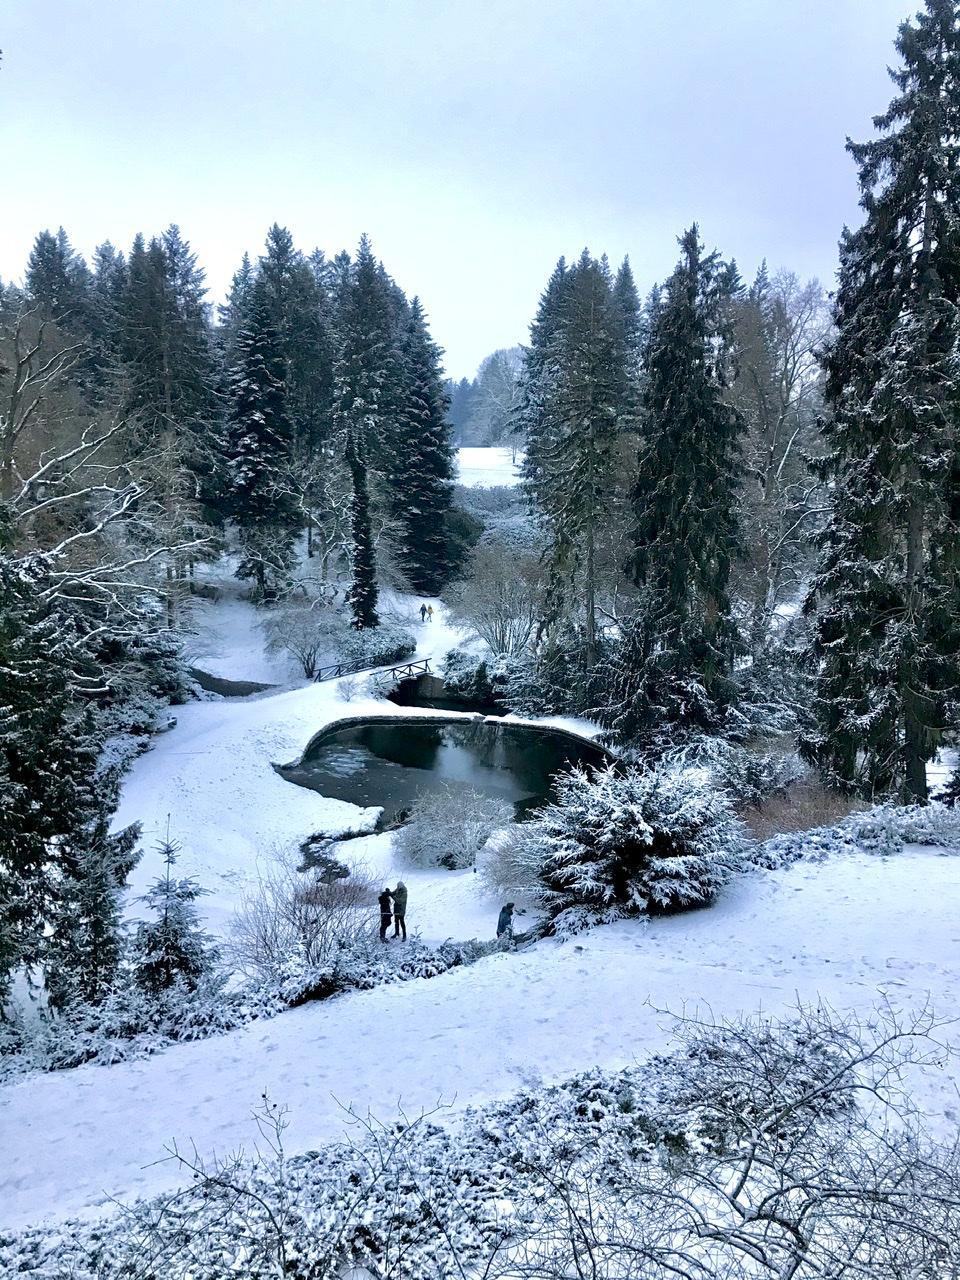 Naše L-ko - 2021 - stále dokončujeme - 10 minut pešo od domčeka - Vonku mrazivých -6 stupňov a 11 km vychádzka v parkovej zóne upraveného lesoparku - pamiatka Unesco